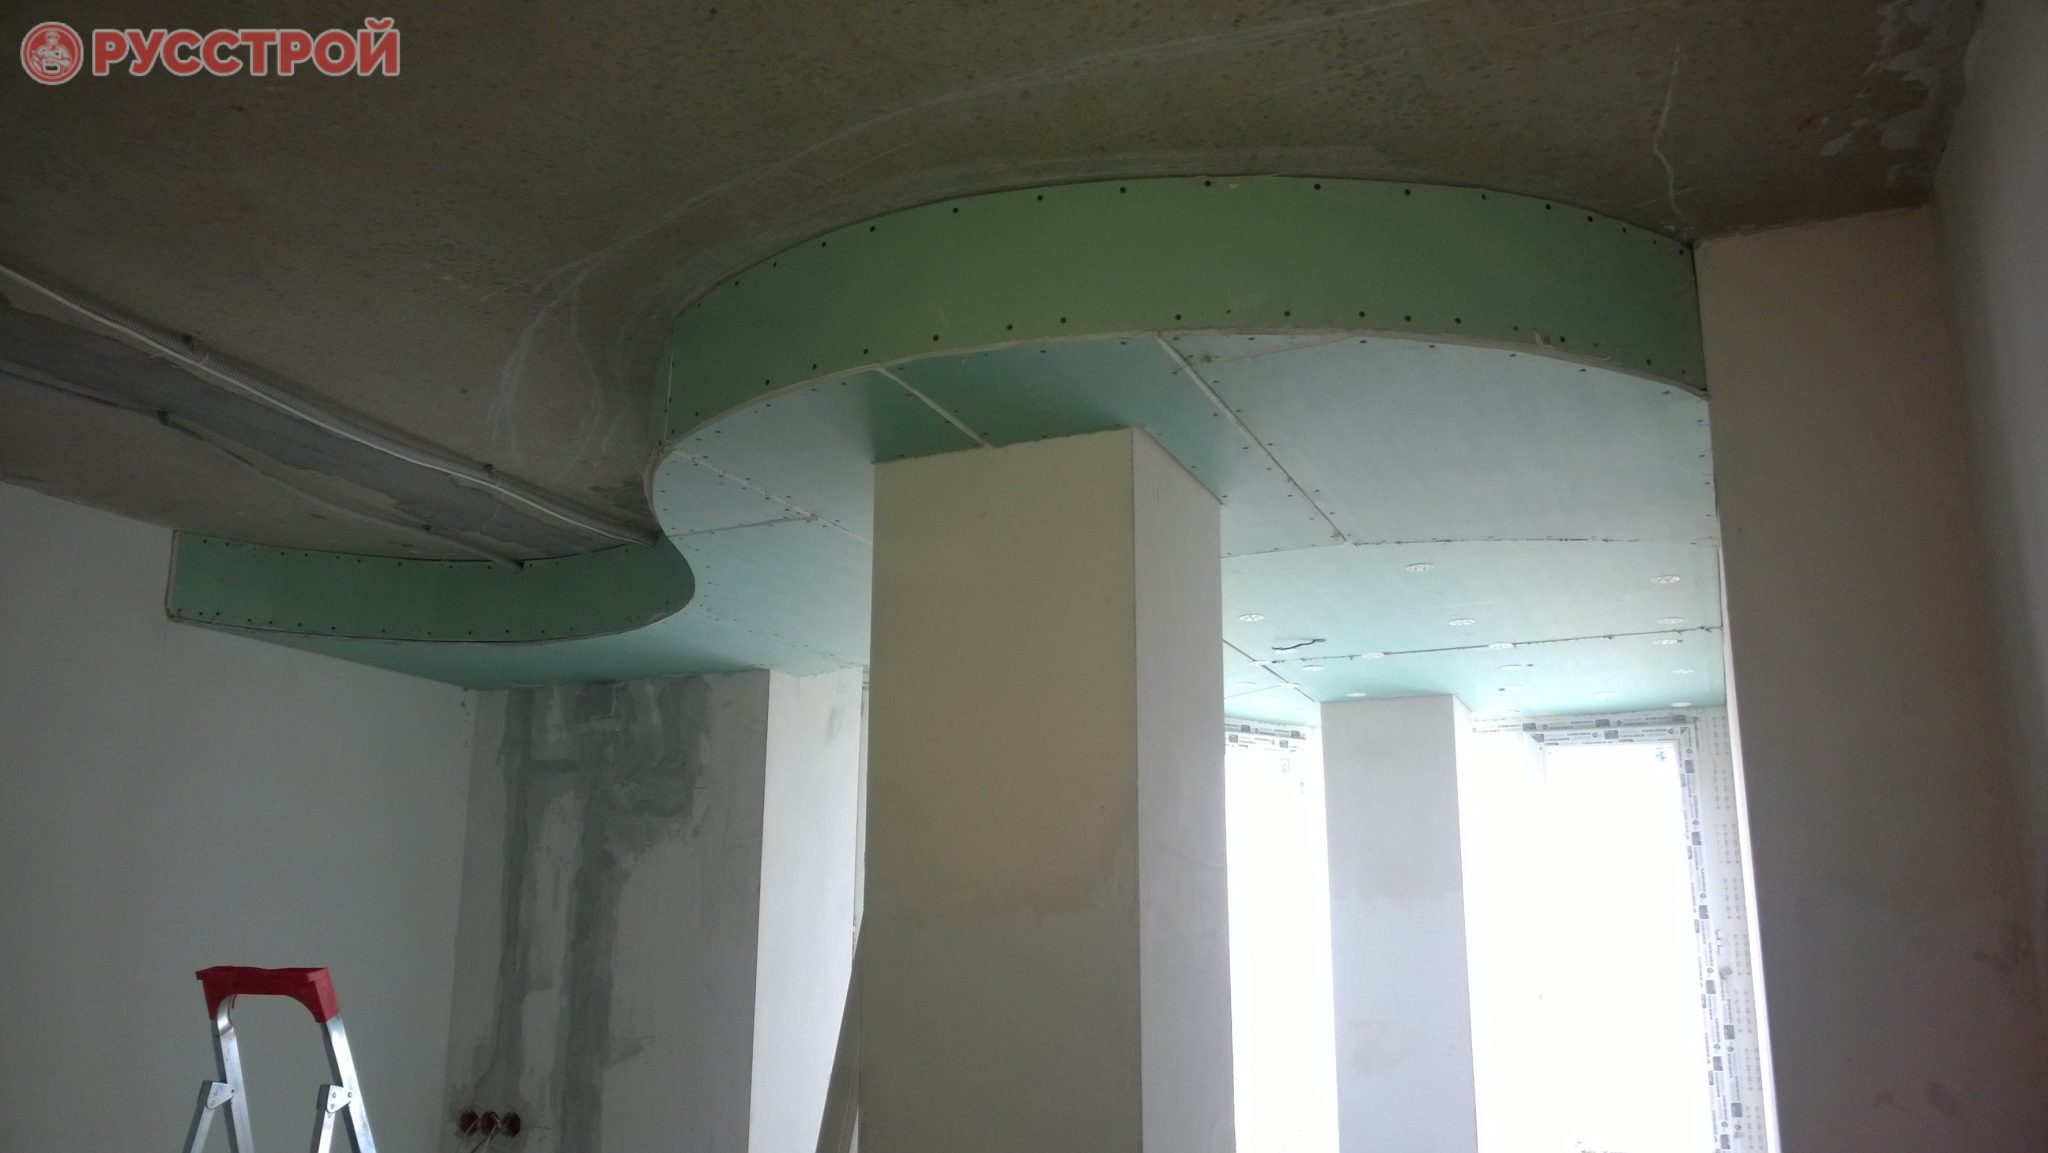 Изогнутая форма потолка из гипсокартона. Сделано ООО 'Русстрой' г. Калуга